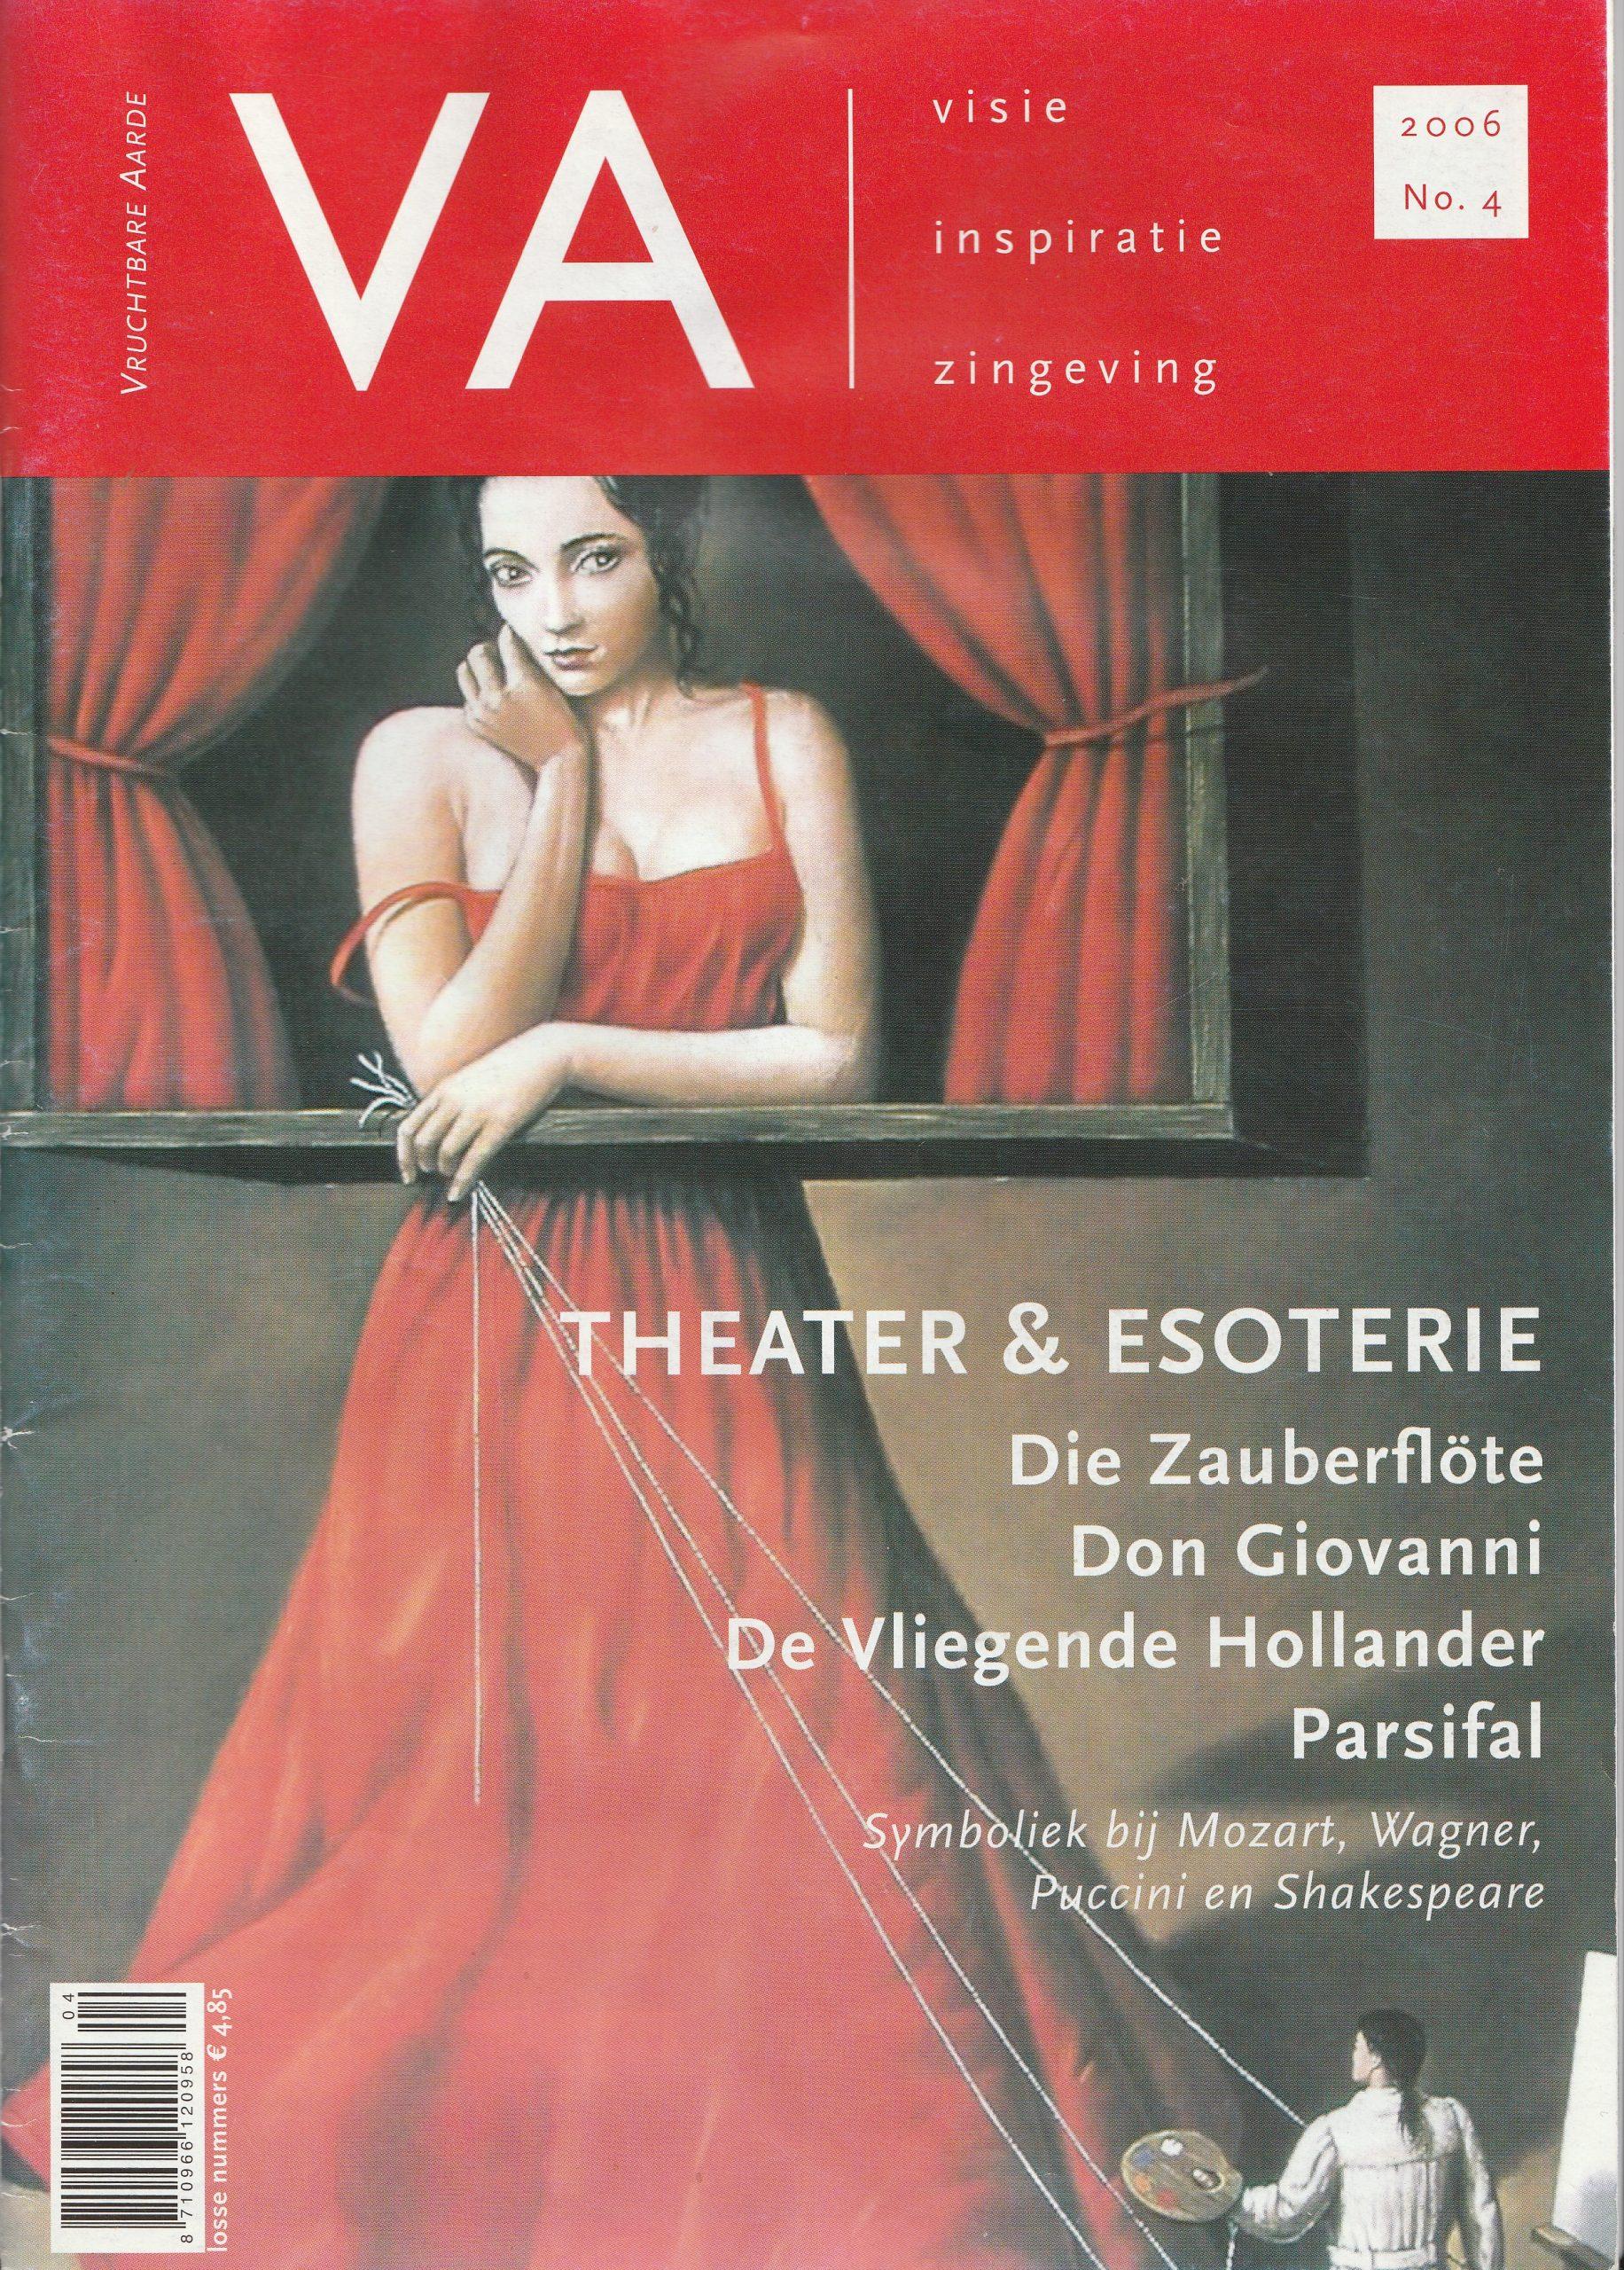 Interview Edgar Reitz en Maarten Zwwers over Mozarts Don Giovanni in VA 4-2006